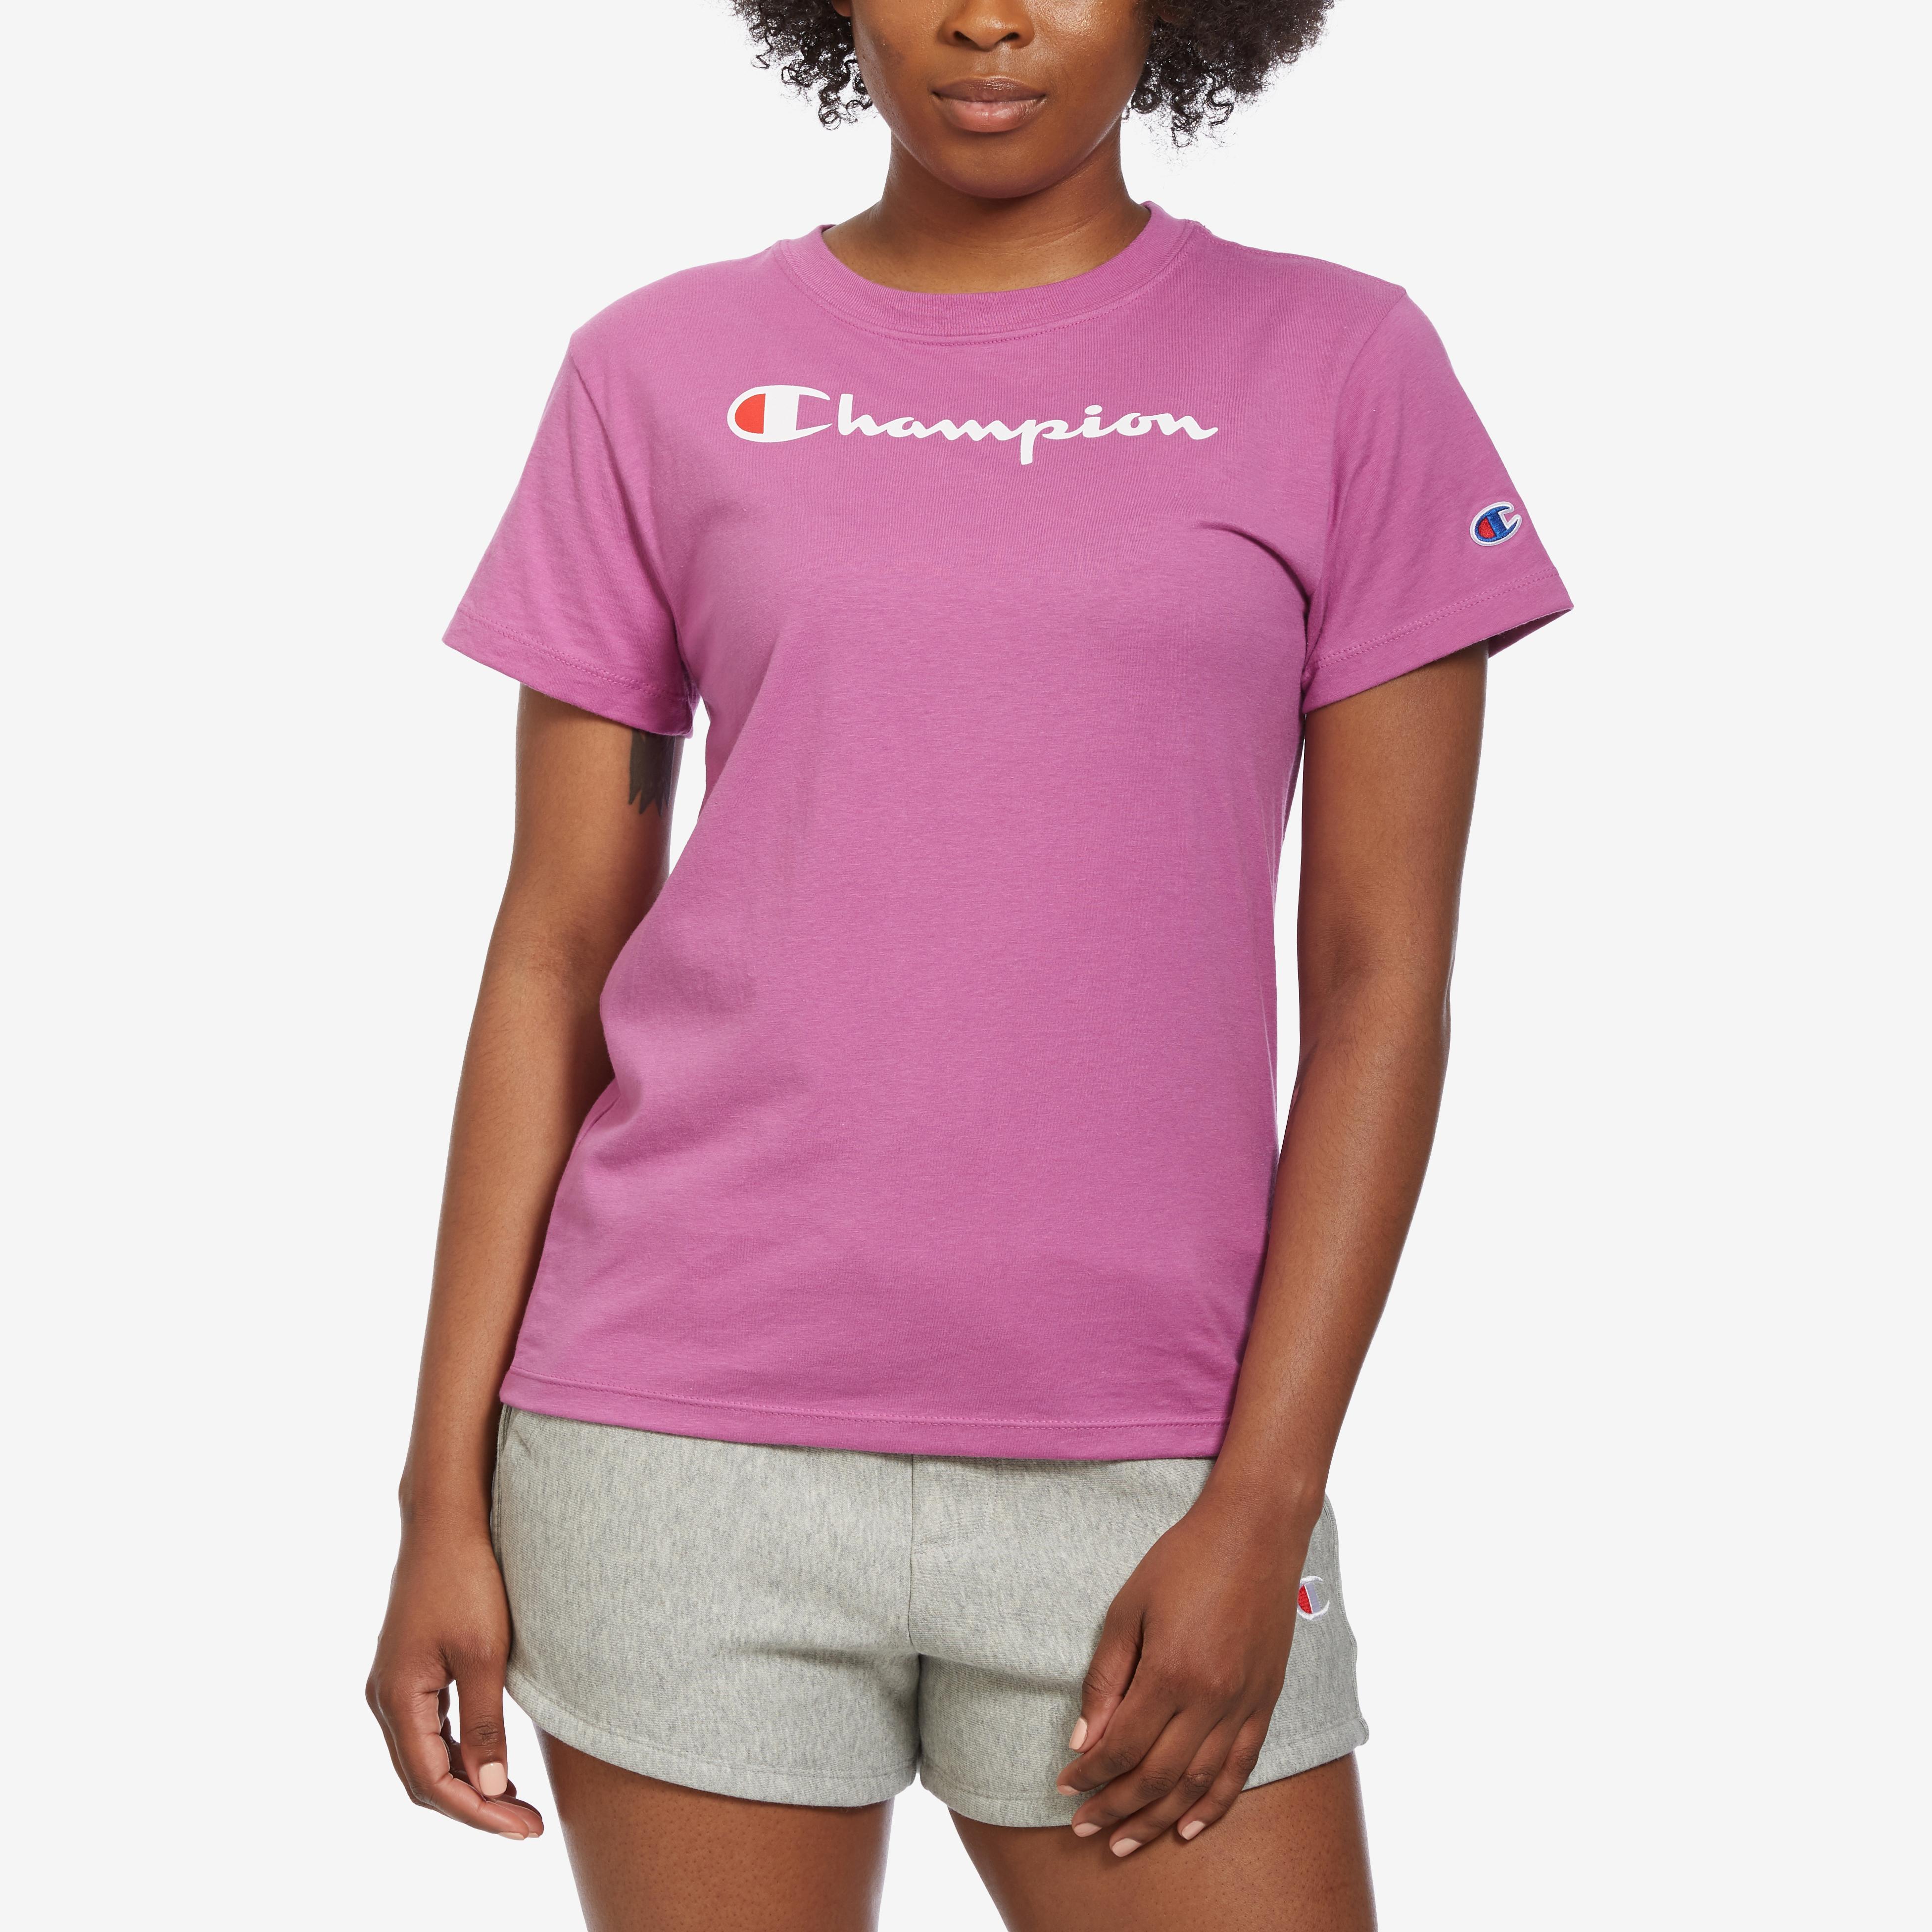 Women's Graphic Jersey Short Sleeve T- Shirt